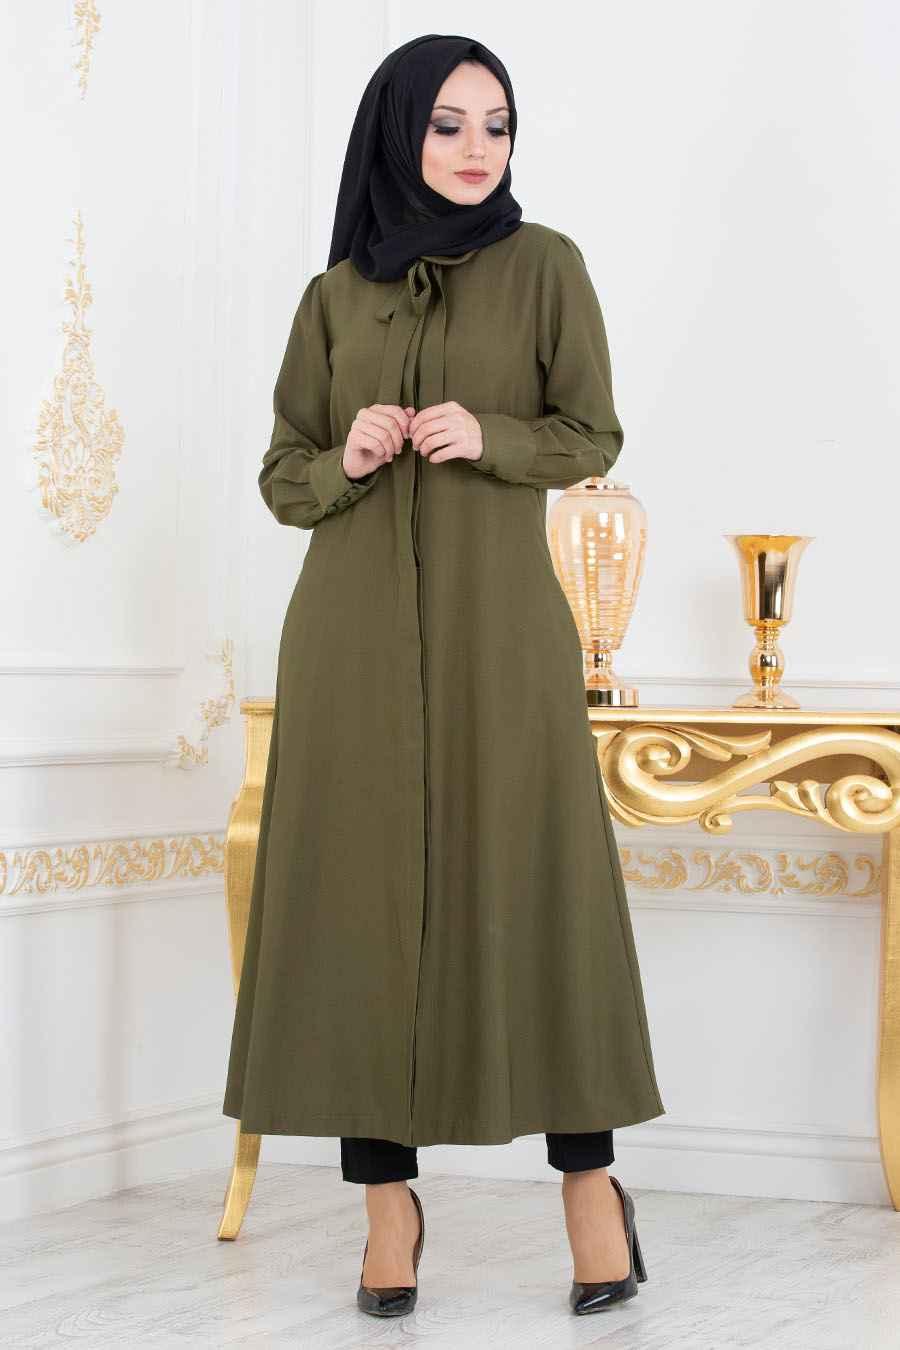 Nayla Collection Tesettür Haki Renk Tunik Modası